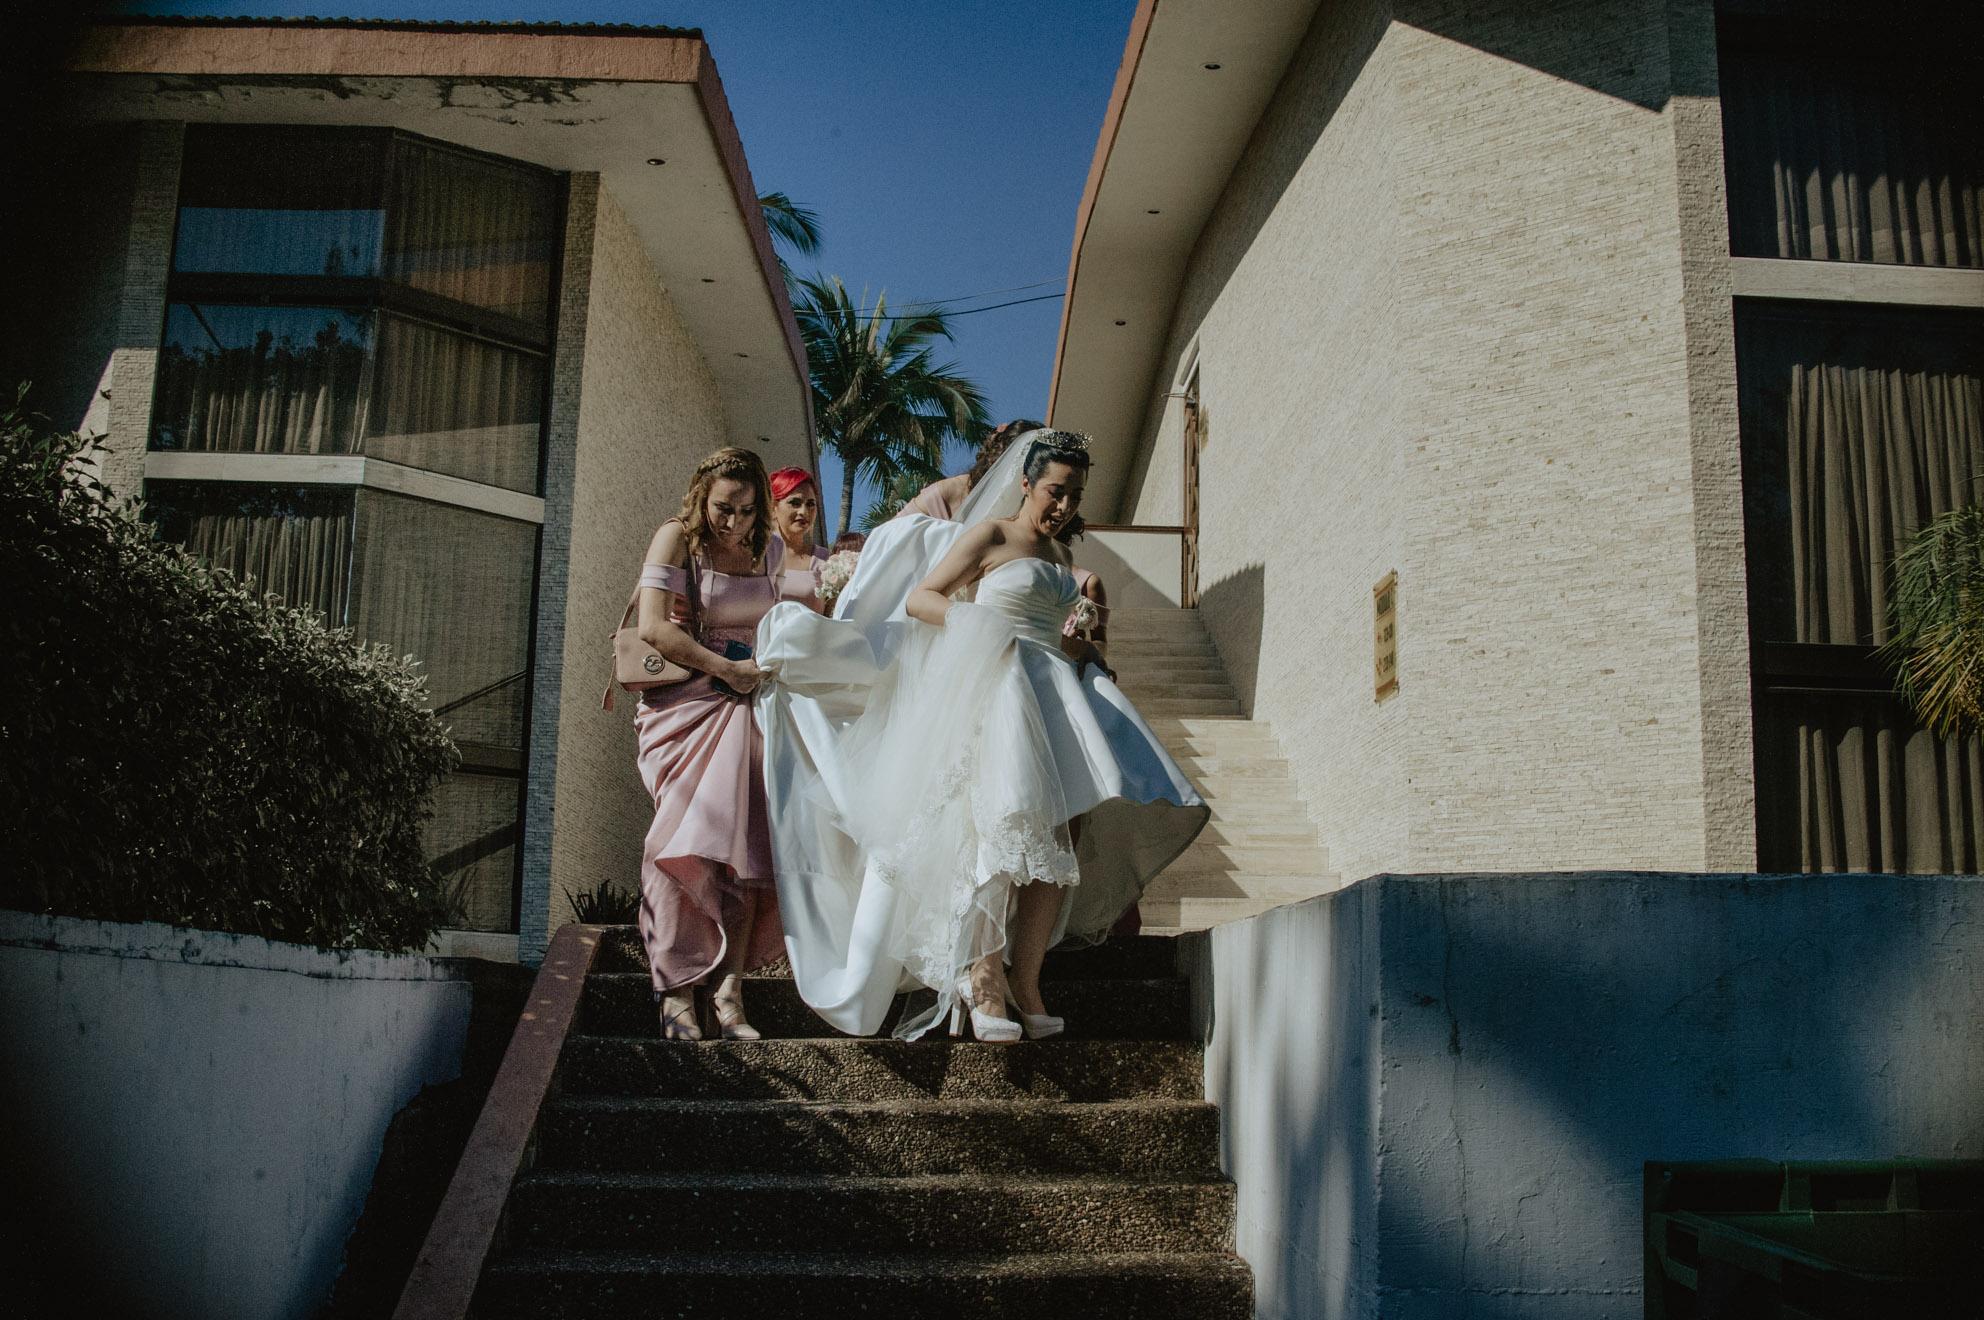 boda sara y juan carlos179.jpg